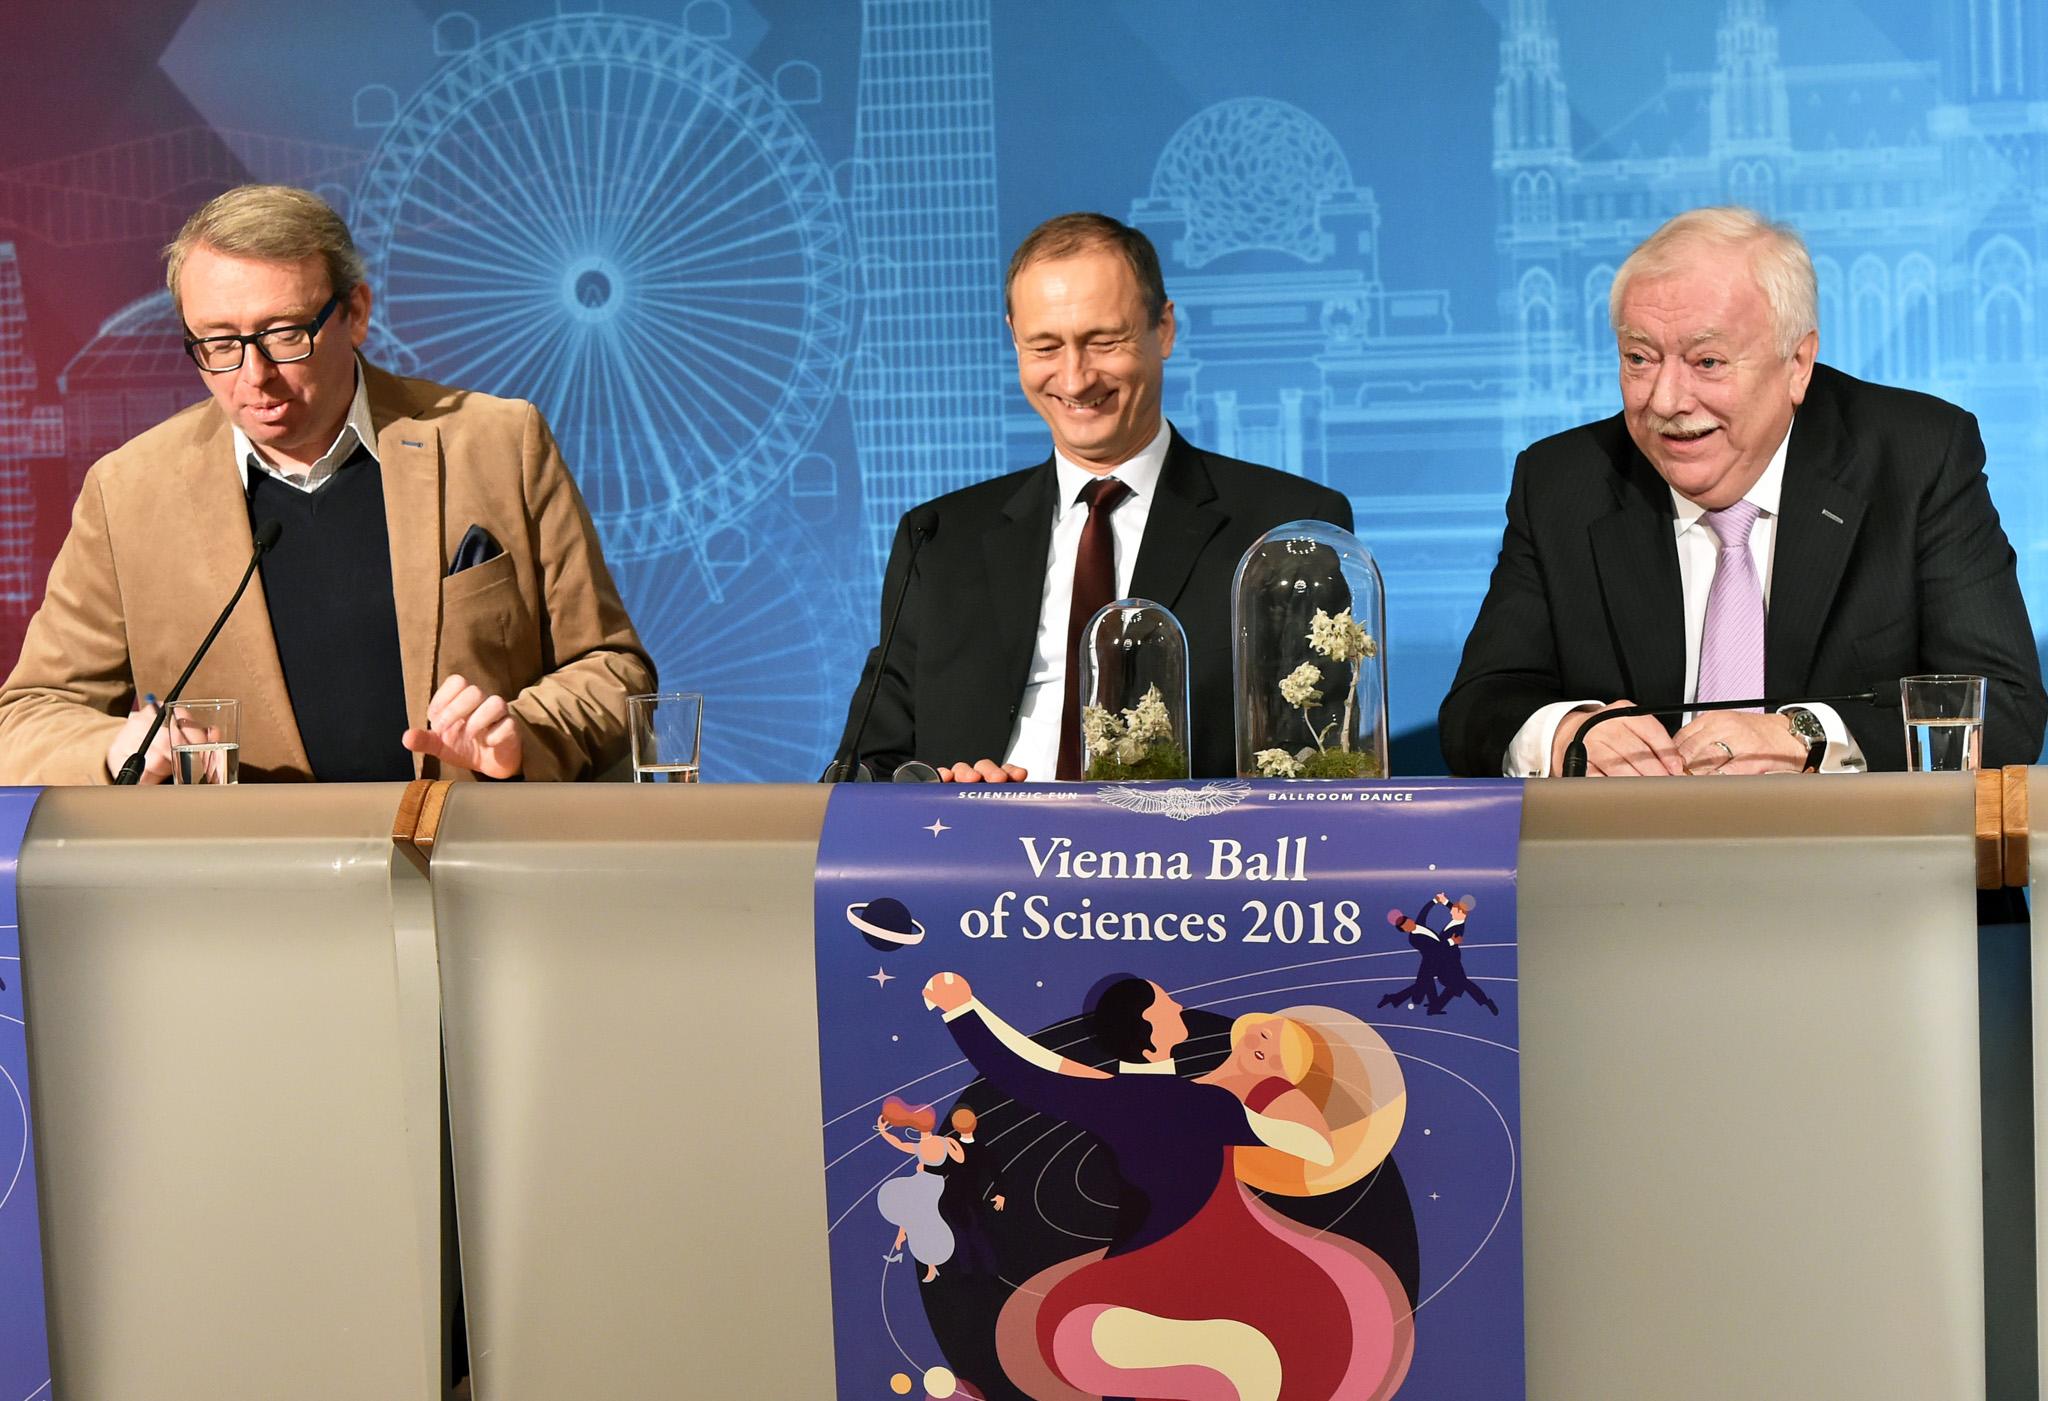 """Mediengespräch des Bürgermeisters zum Thema """"Wiener Ball der Wissenschaften"""" mit Stadtrat Andreas Mailath-Pokorny und Ballorganisator Oliver Lehmann (Rathaus, Steinsaal I)"""